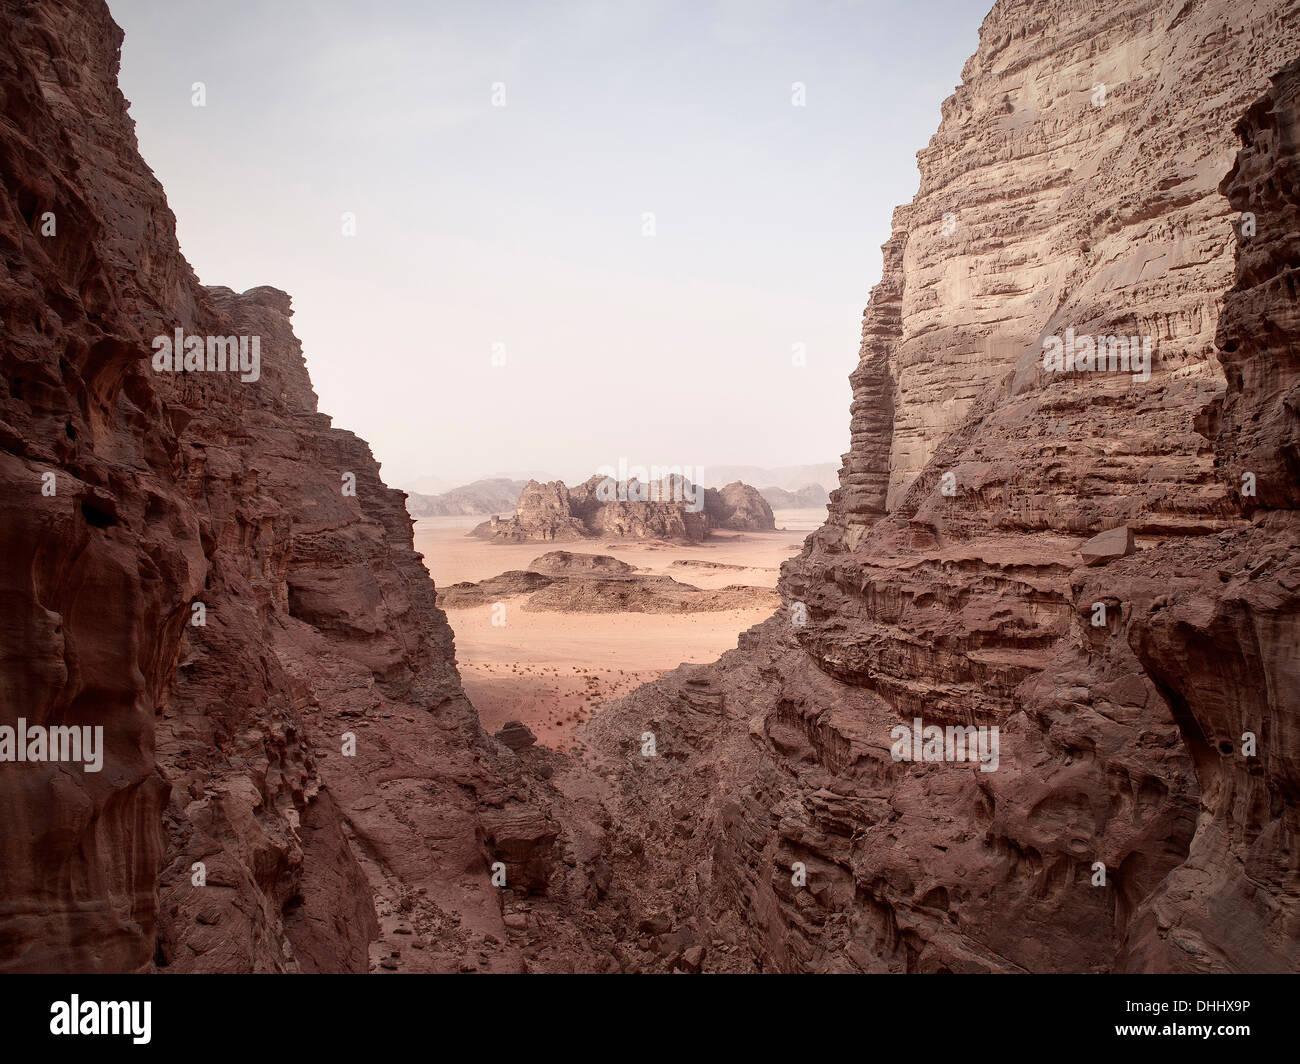 Vista mozzafiato di Wadi Rum, sette pilastri della saggezza di escursione, Giordania, Medio Oriente e Asia Immagini Stock